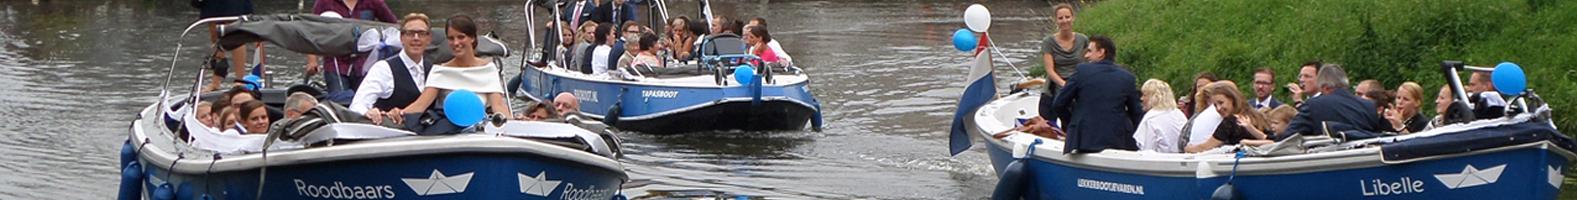 bruidsboot_1